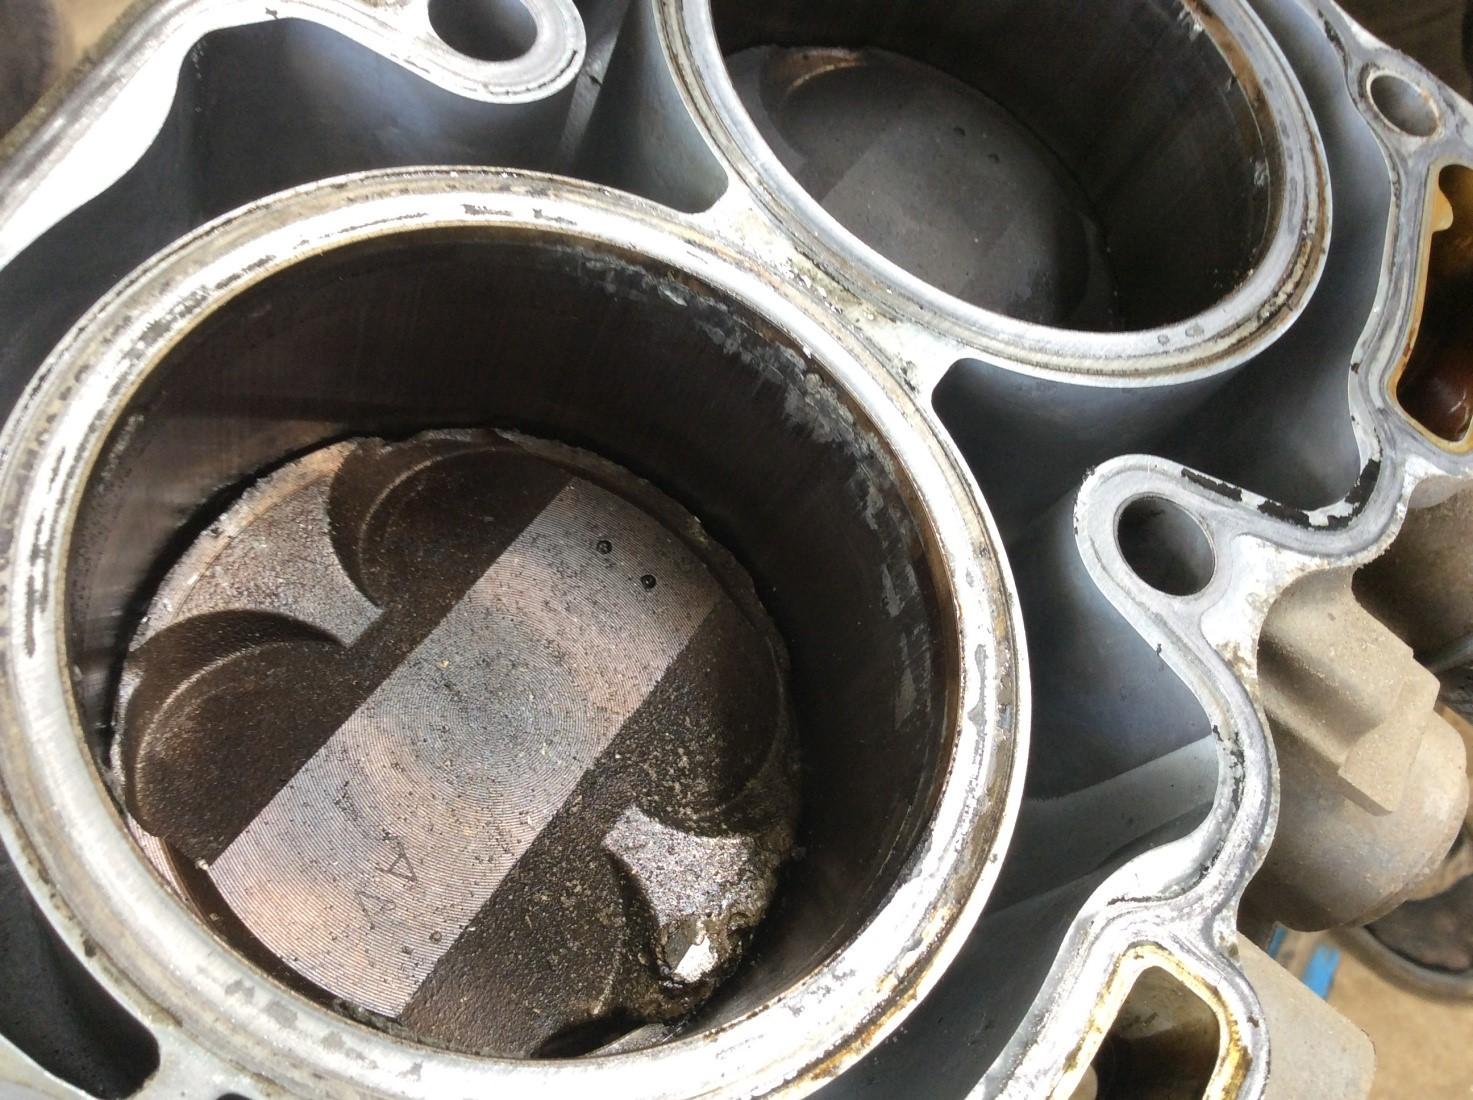 Замена 95-го бензина 92-м: в чем опасность?